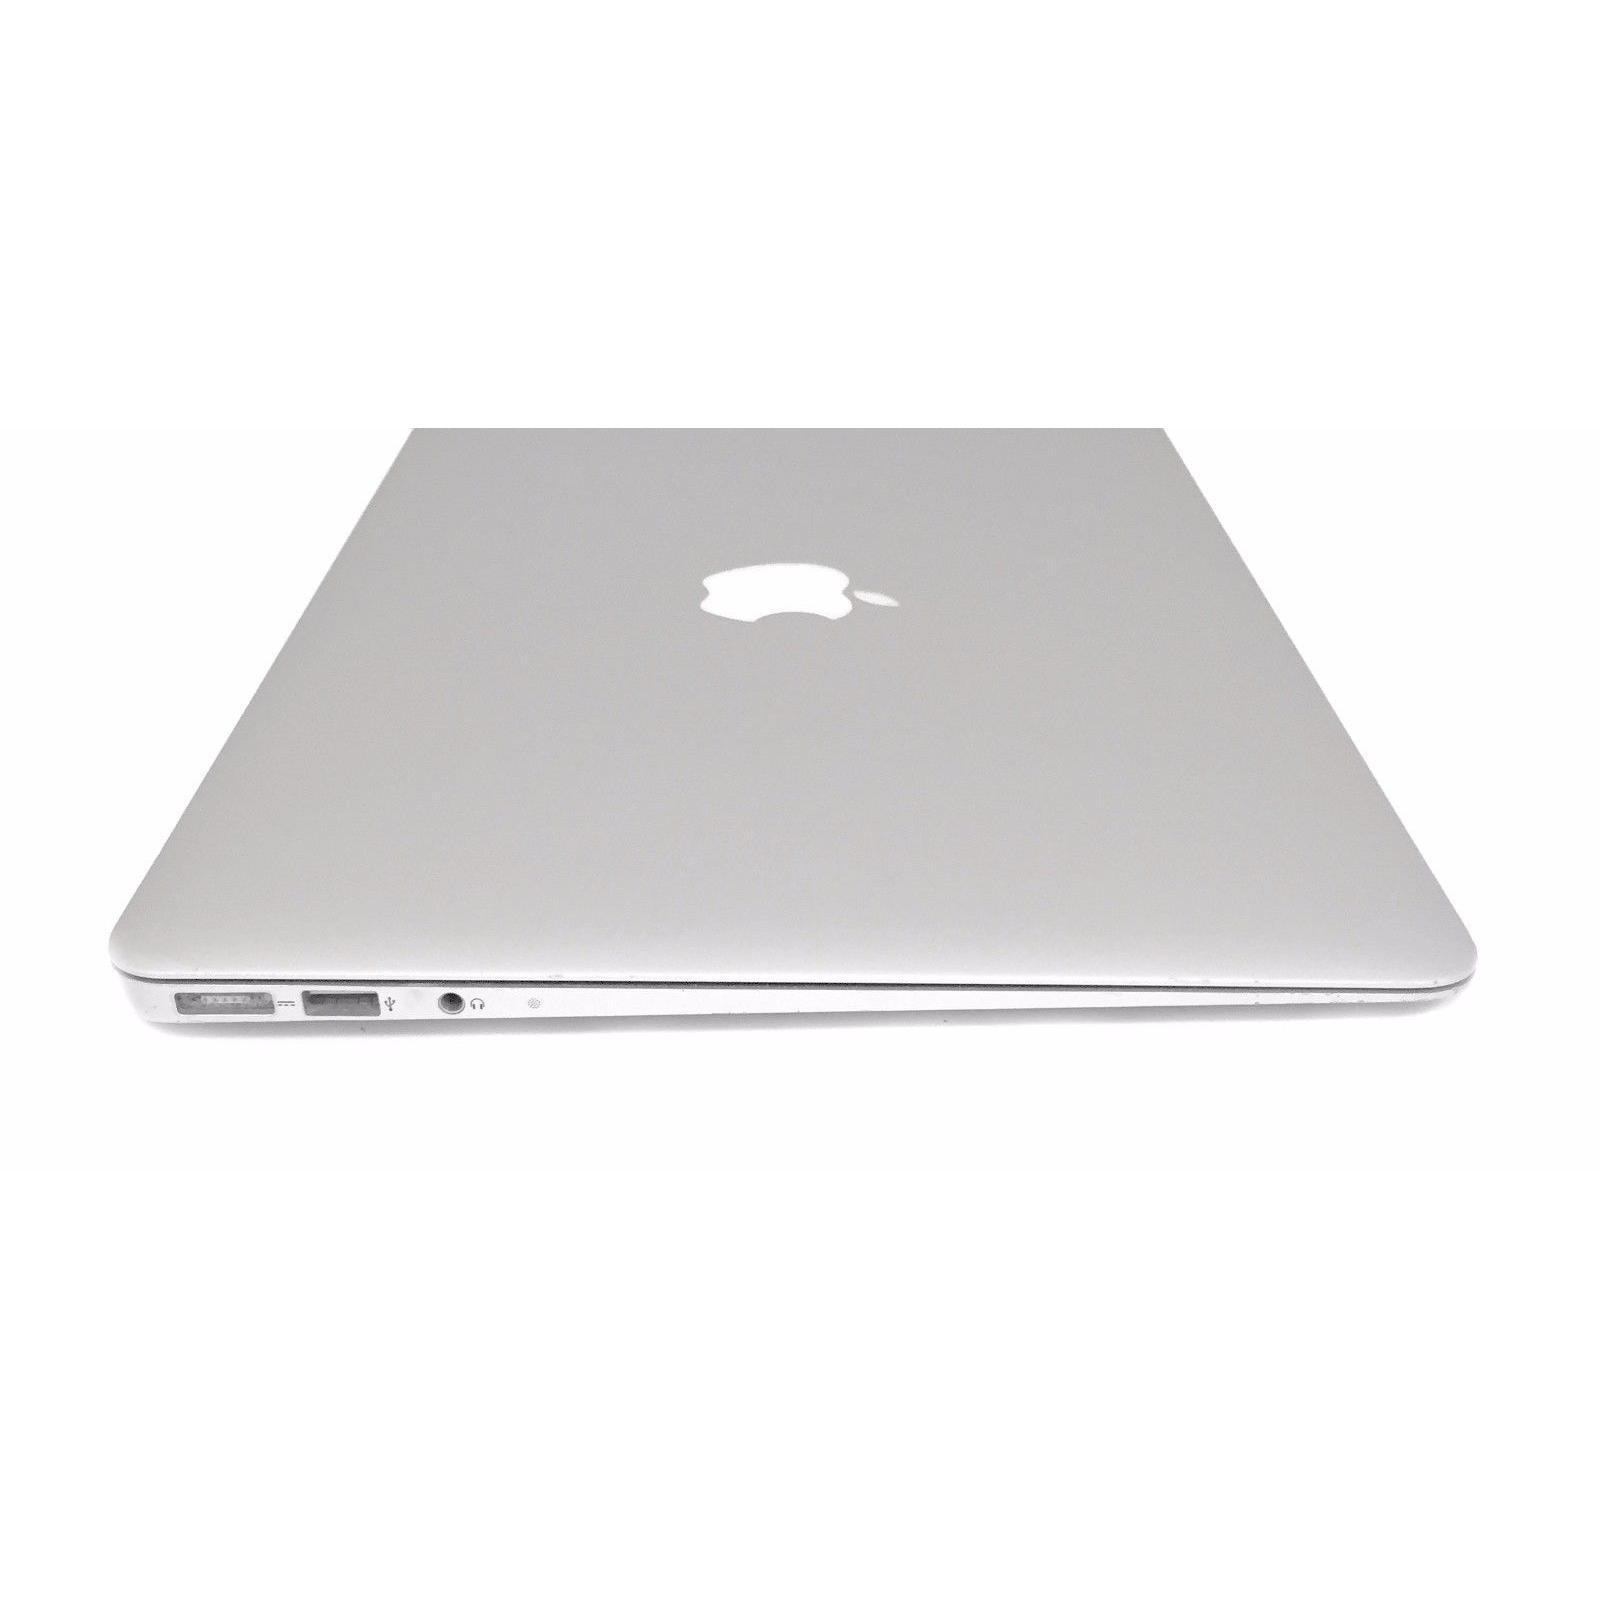 MacBook Air 11.6-inch (2013) - Core i7 - 8GB - SSD 256 GB